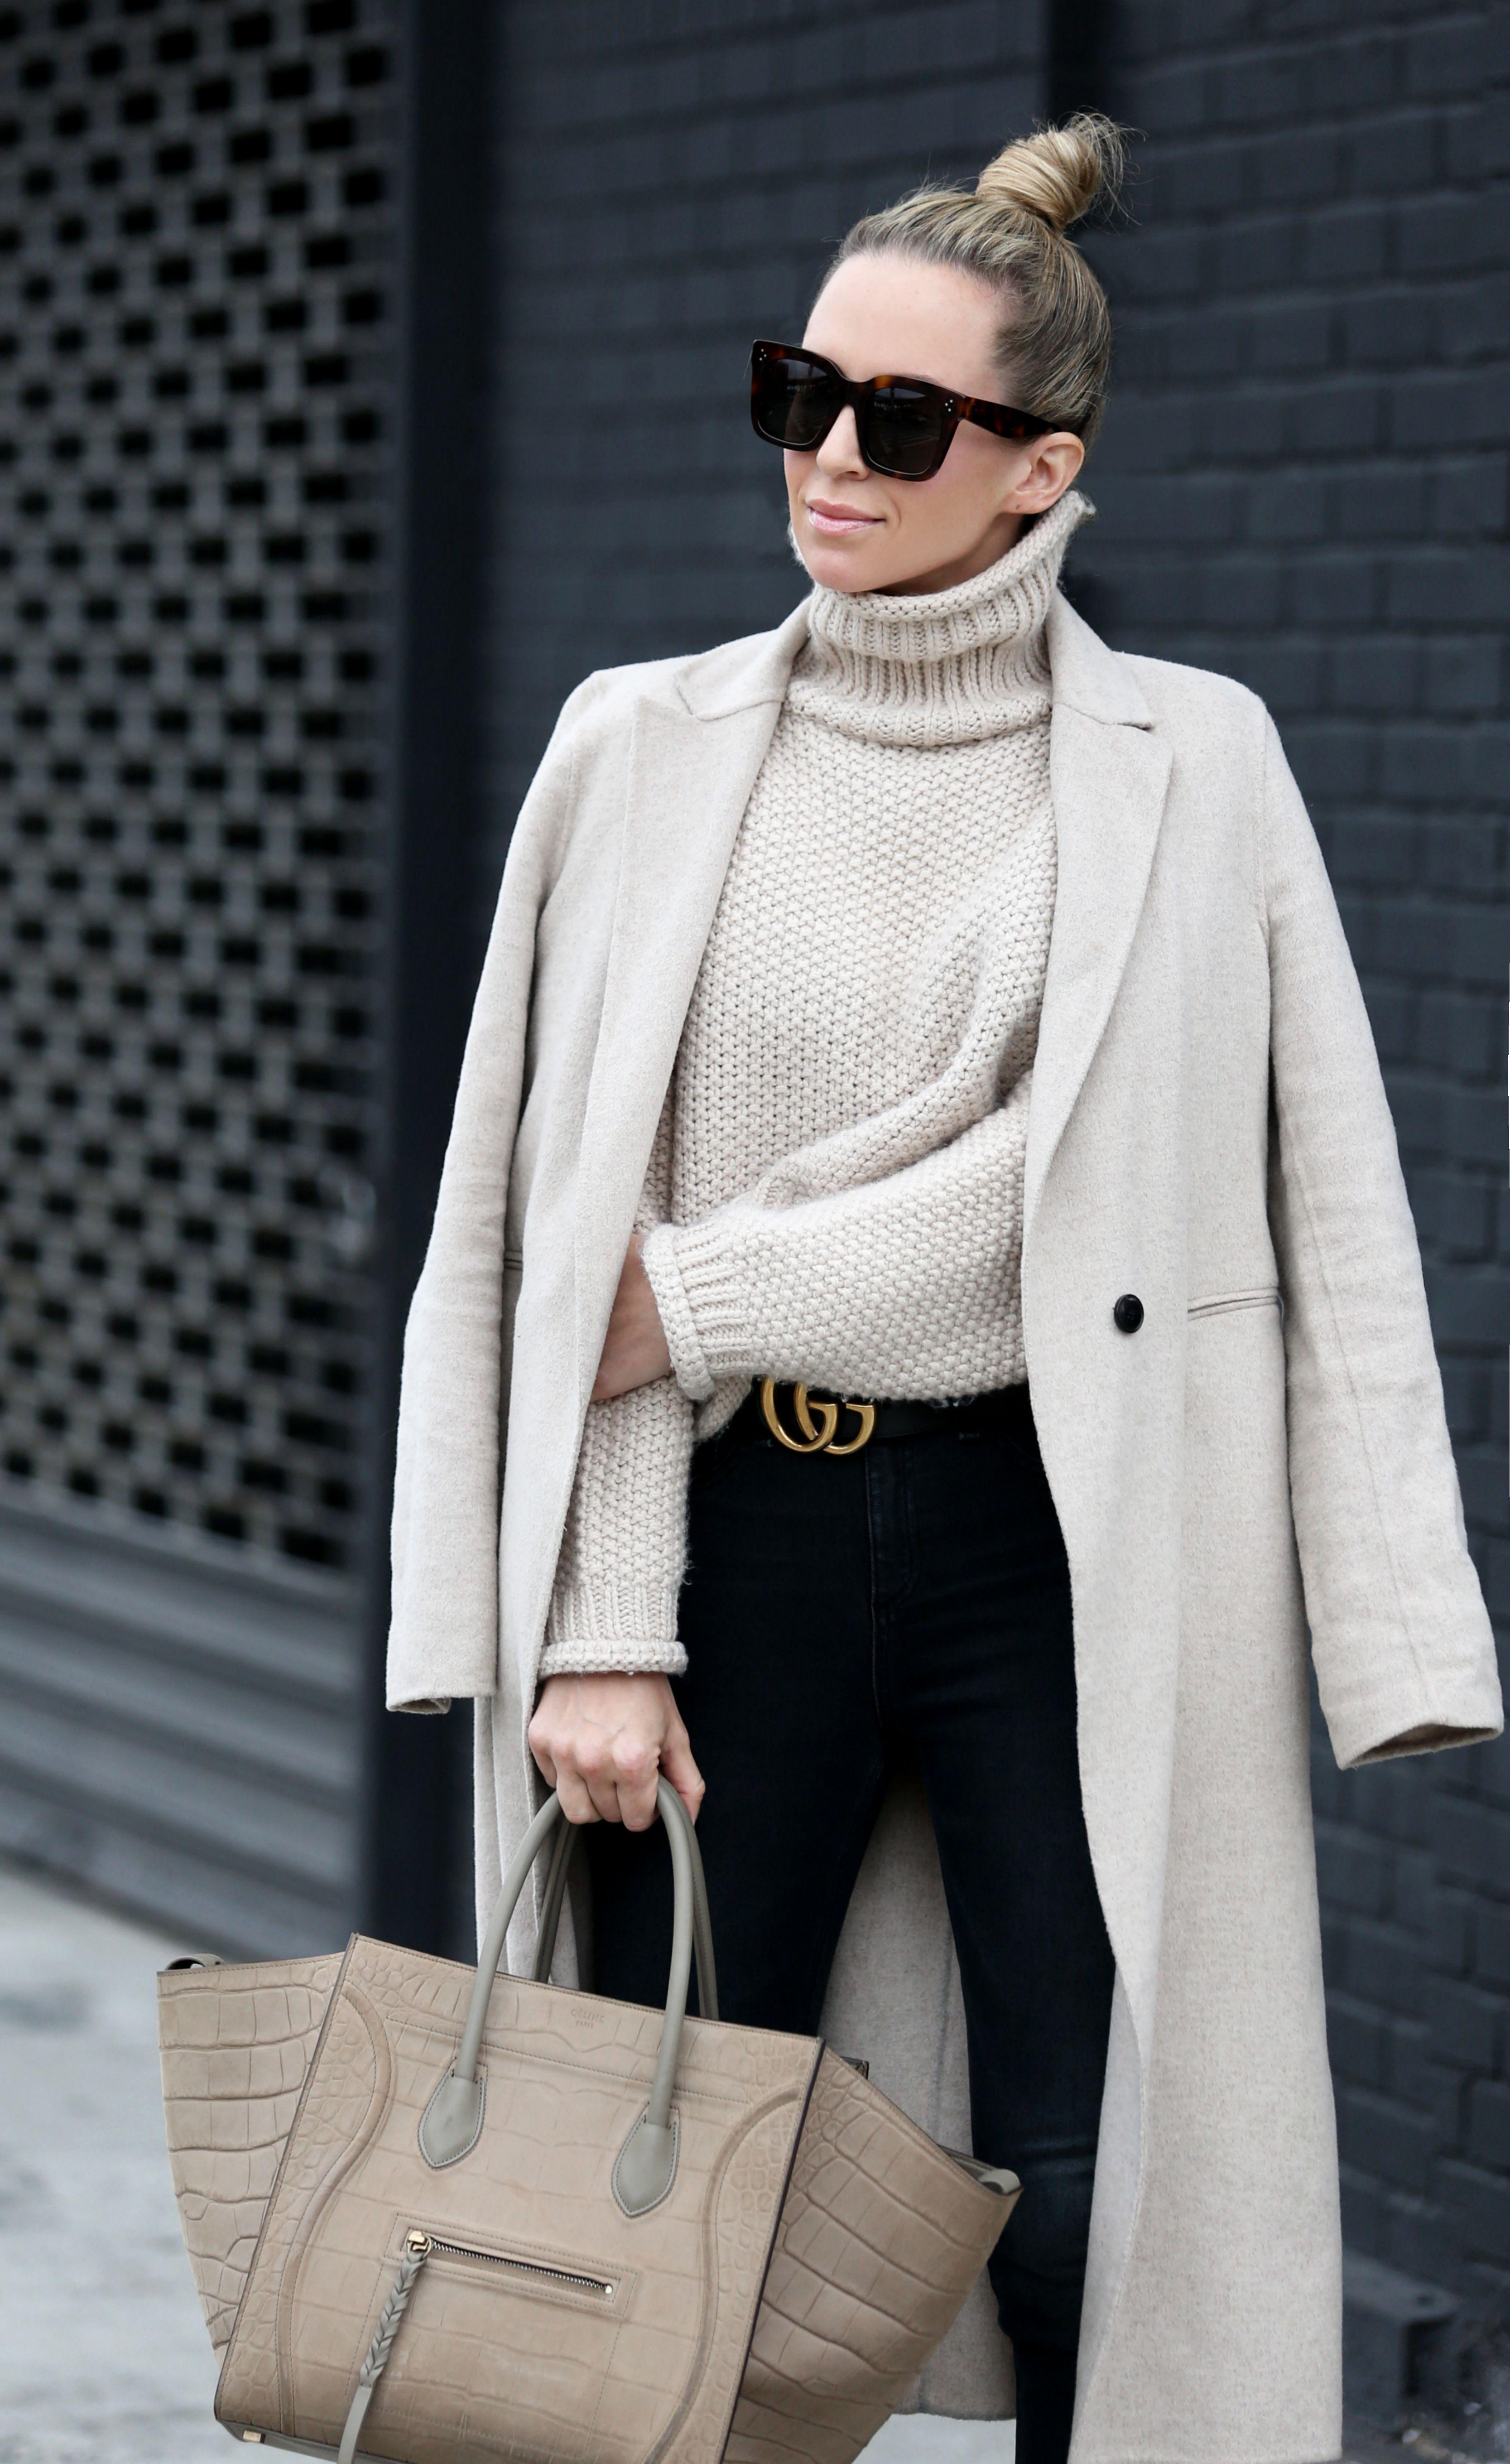 Dieses und weitere Luxusprodukte finden Sie auf der Webseite von Lusea.de Winter Outfit Inspiration